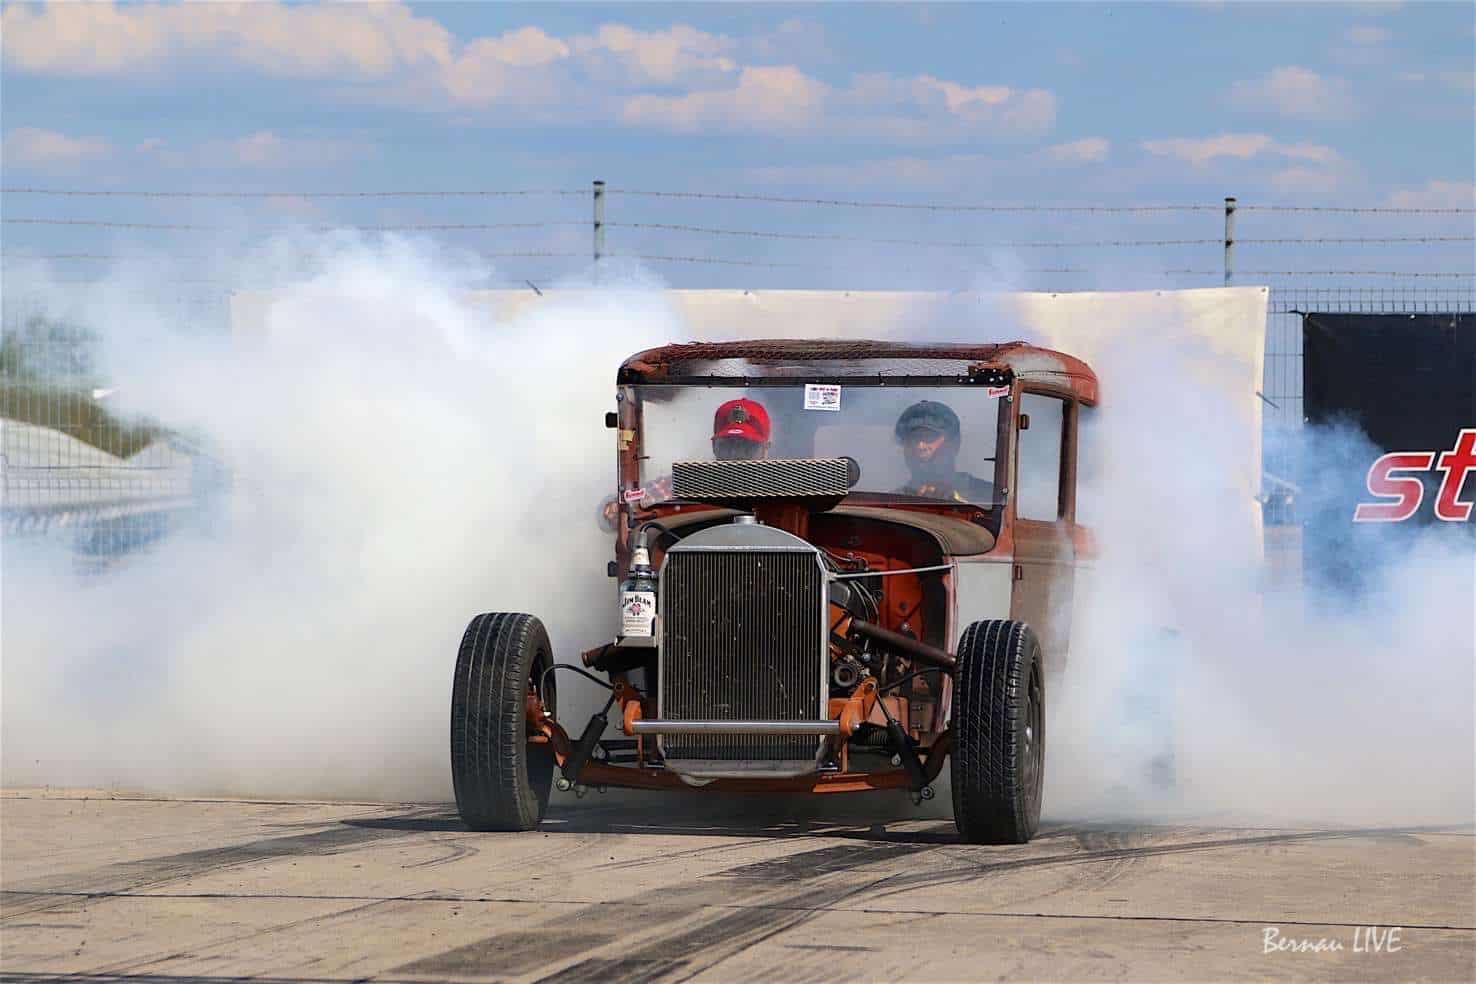 RACE61 – Roadrunners Paradise in Finowfurt – SEASON'S OPENING